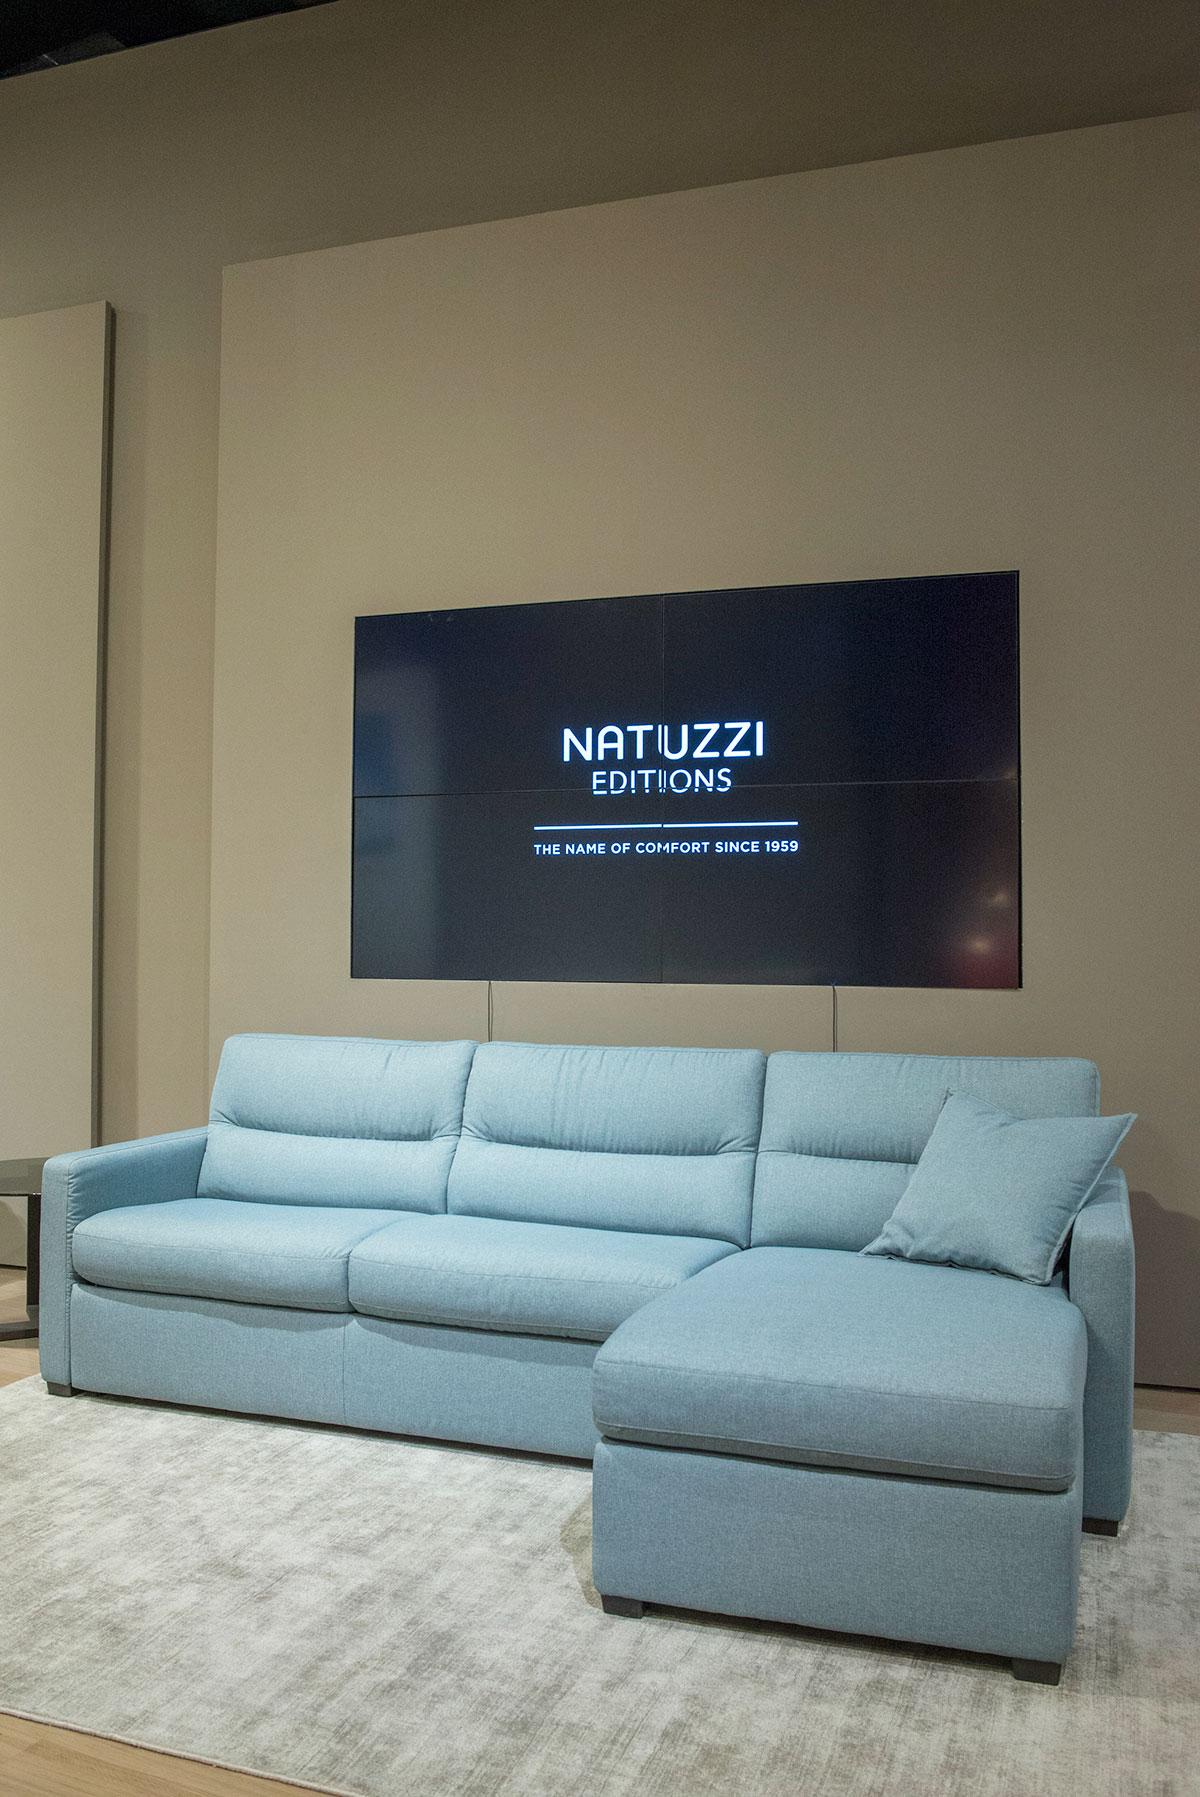 Natuzzi-272.jpg